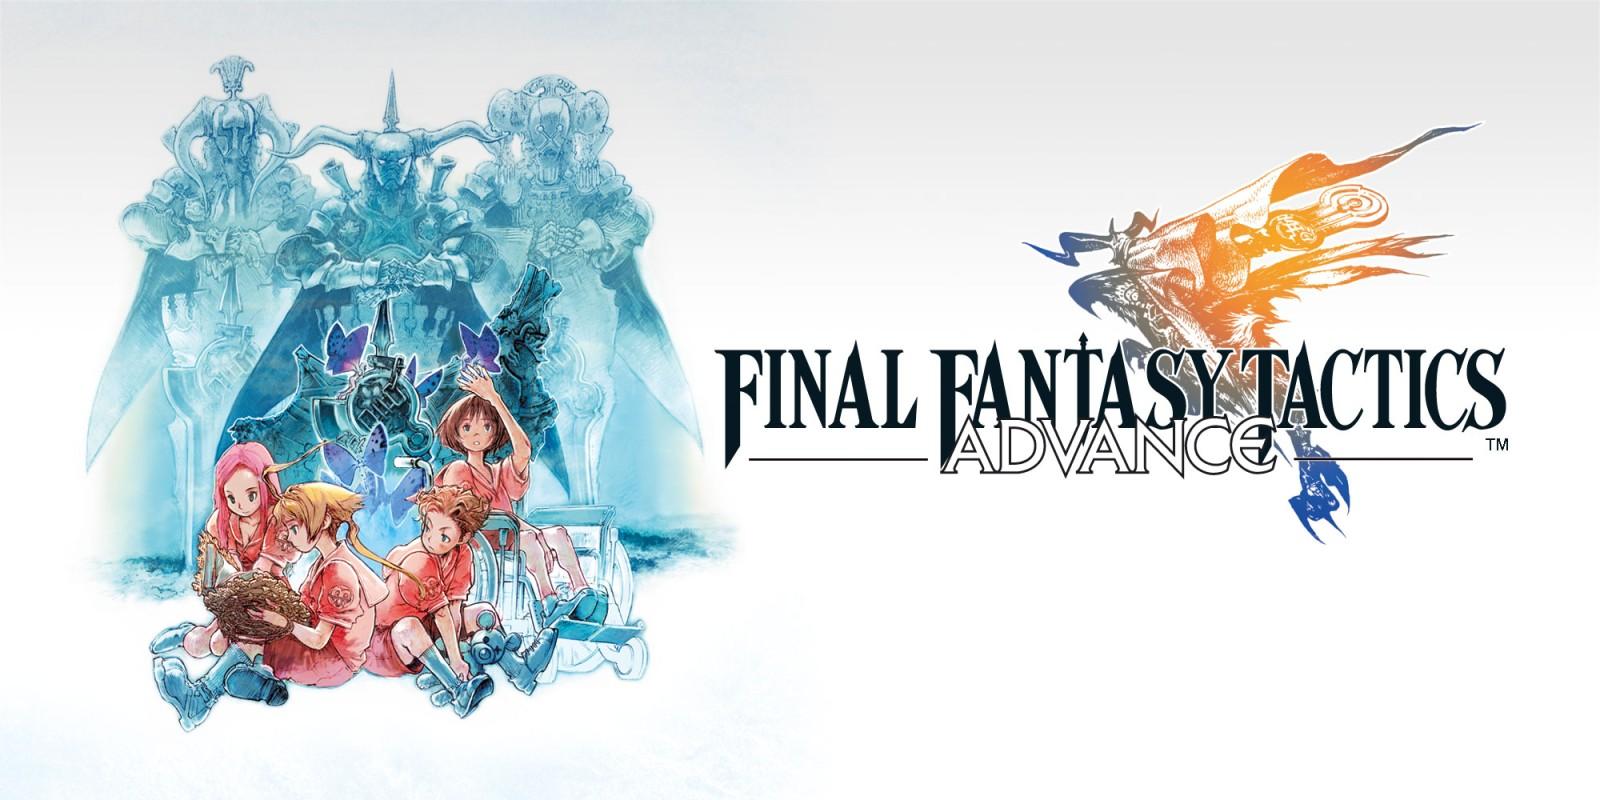 Wii U Final Fantasy Tactics Advance